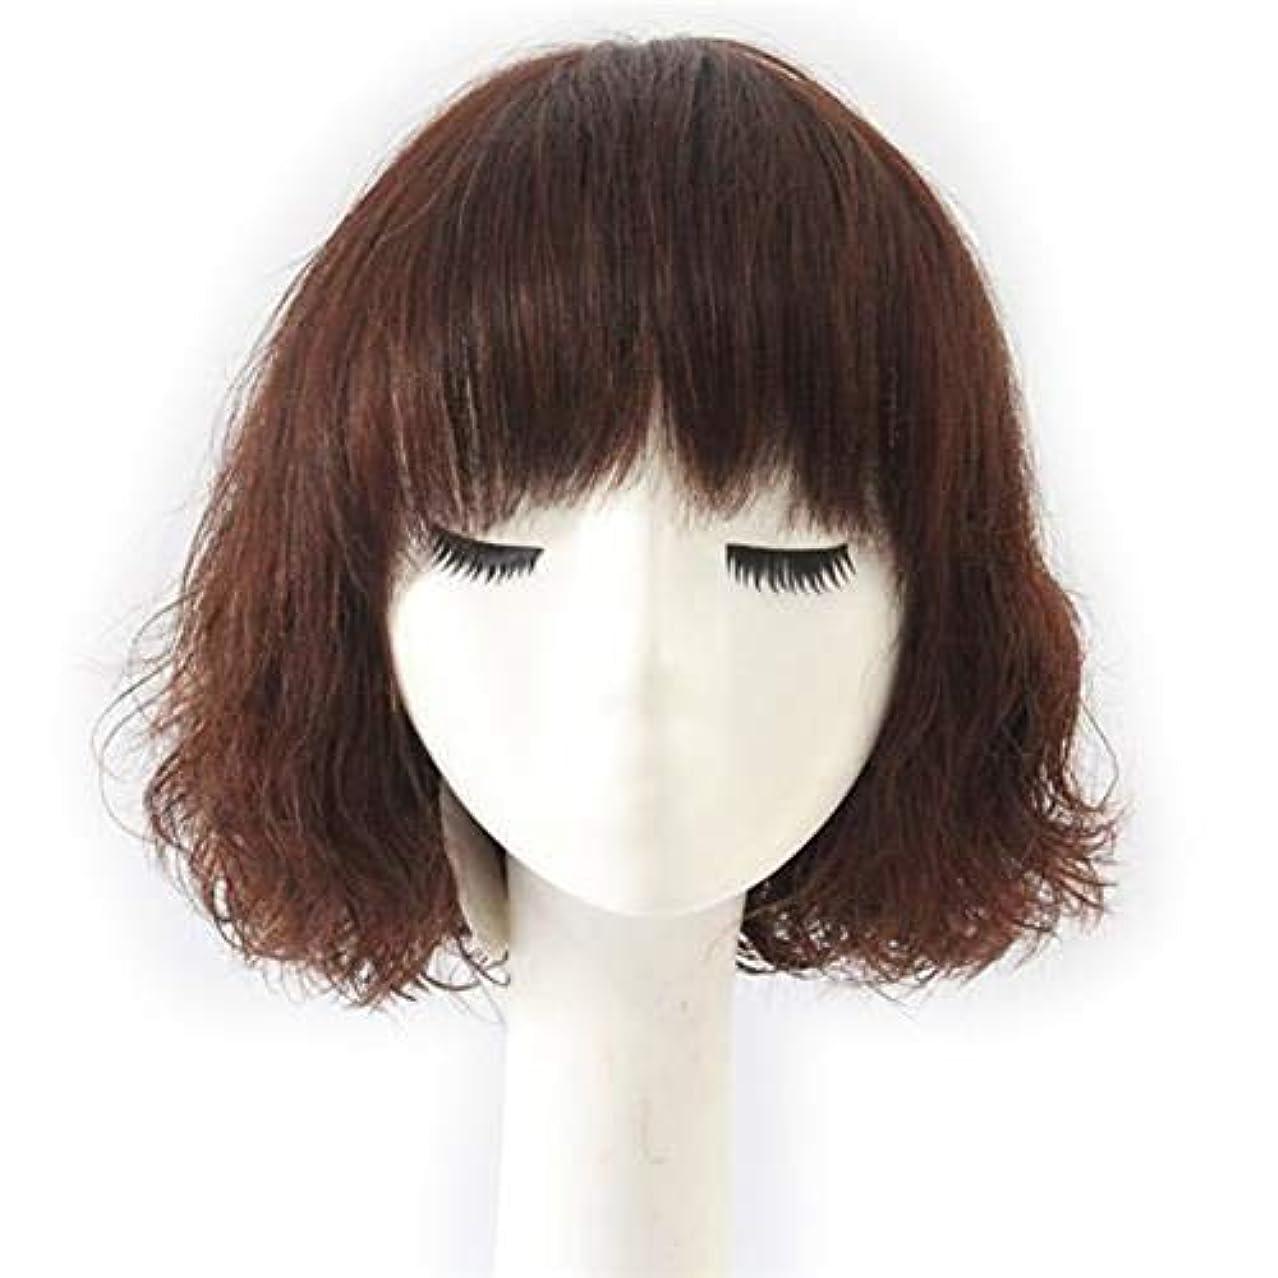 どちらも診療所遊び場かつら 女性のファッションかつらのためのダークブラウンのリアルヘアウィッグショートカーリーペアヘッド (色 : Natural color)